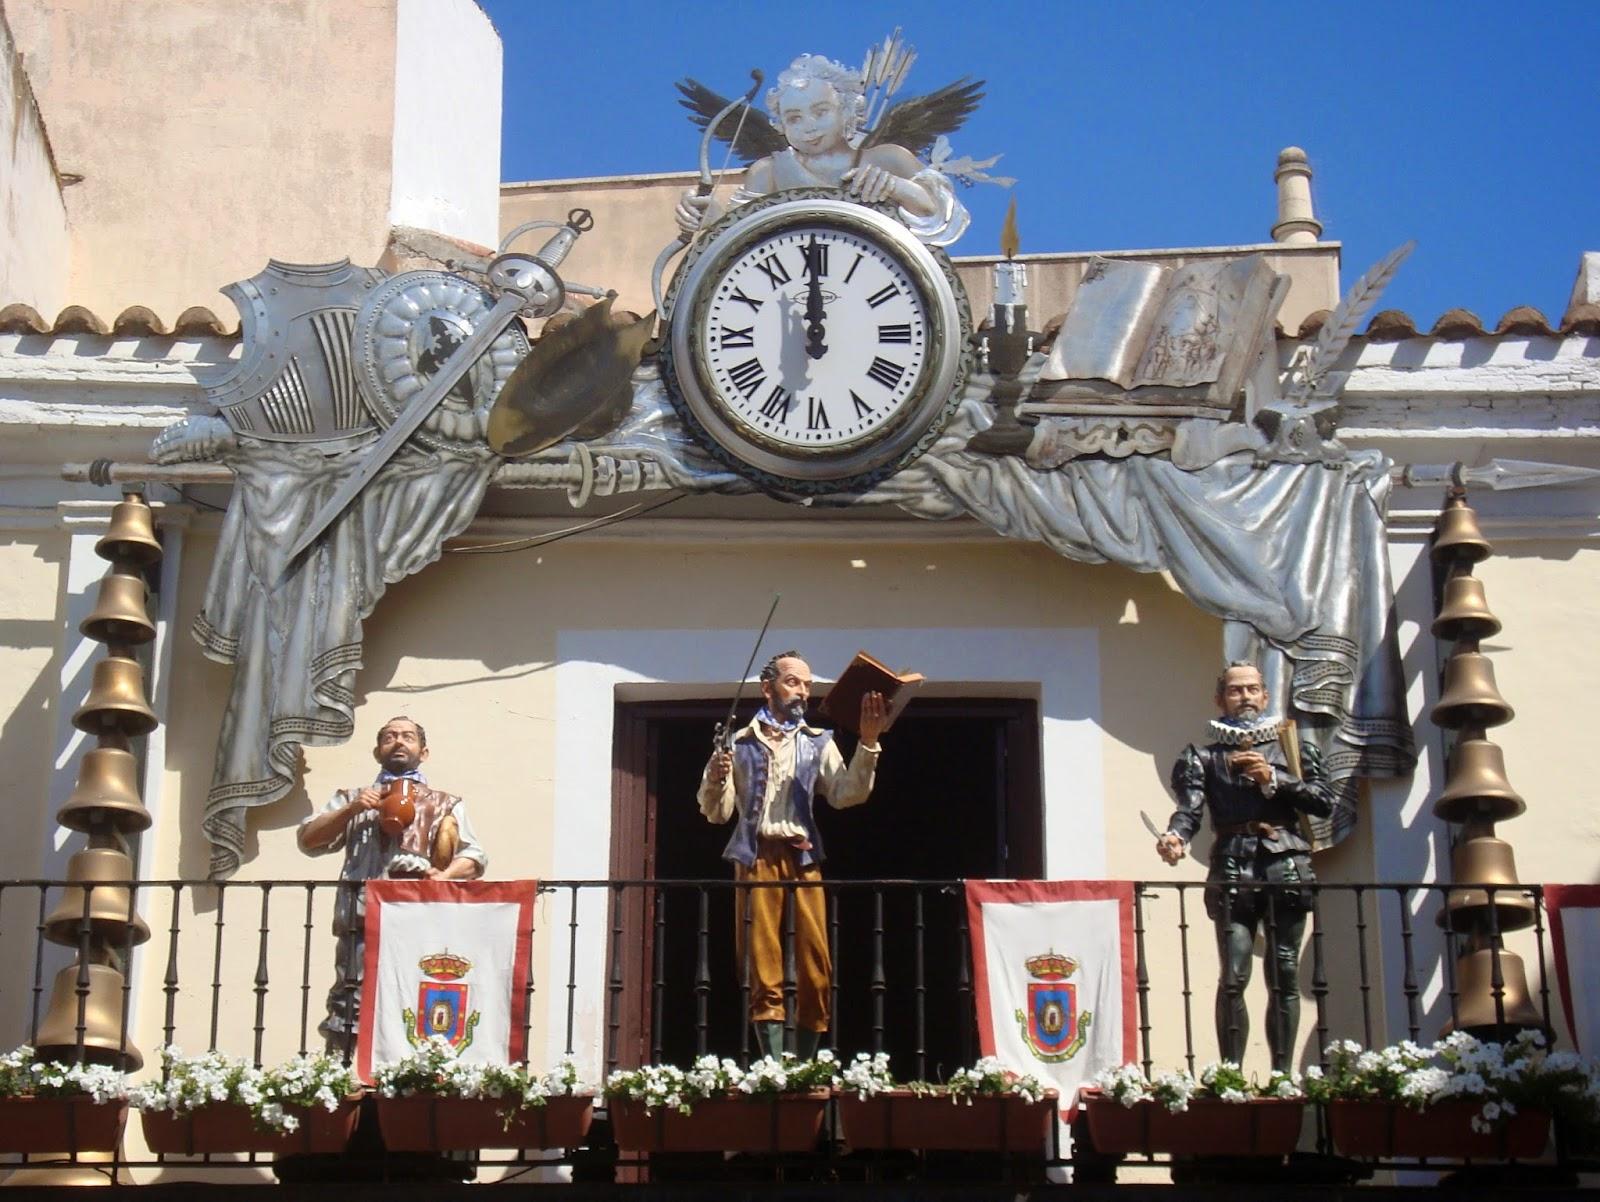 Reloj del Carillón Plaza mayor de Ciudad Real. Autor, Viajes en la mochila